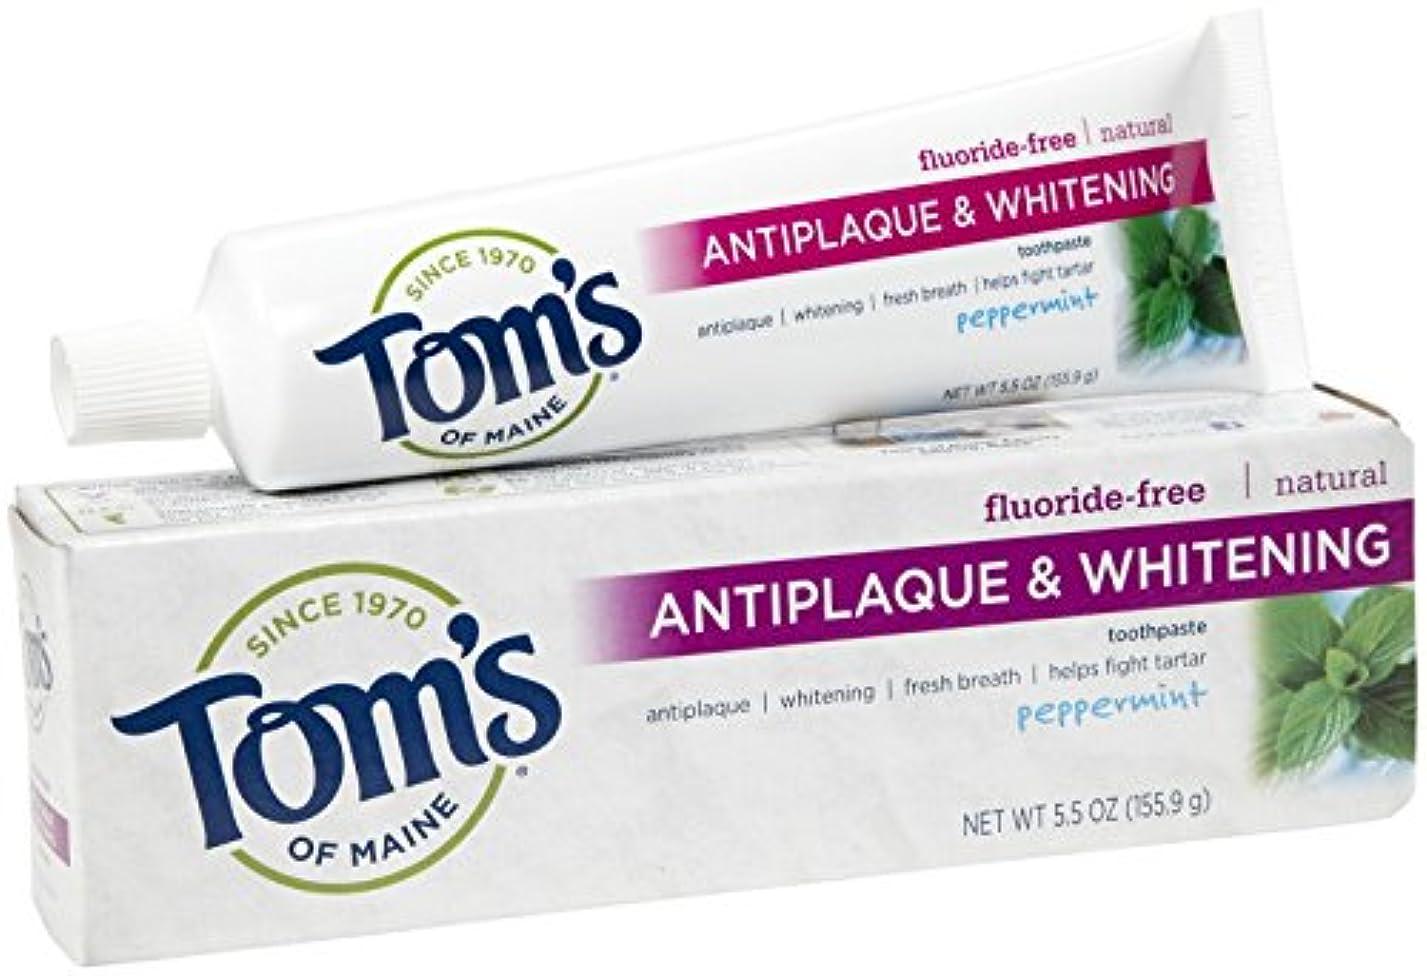 悪意のある理容師スムーズに海外直送品 Tom's Of Maine Toms Of Maine Antiplaque And Whitening Natural Toothpaste Peppermint, Peppermint 5.5 Oz